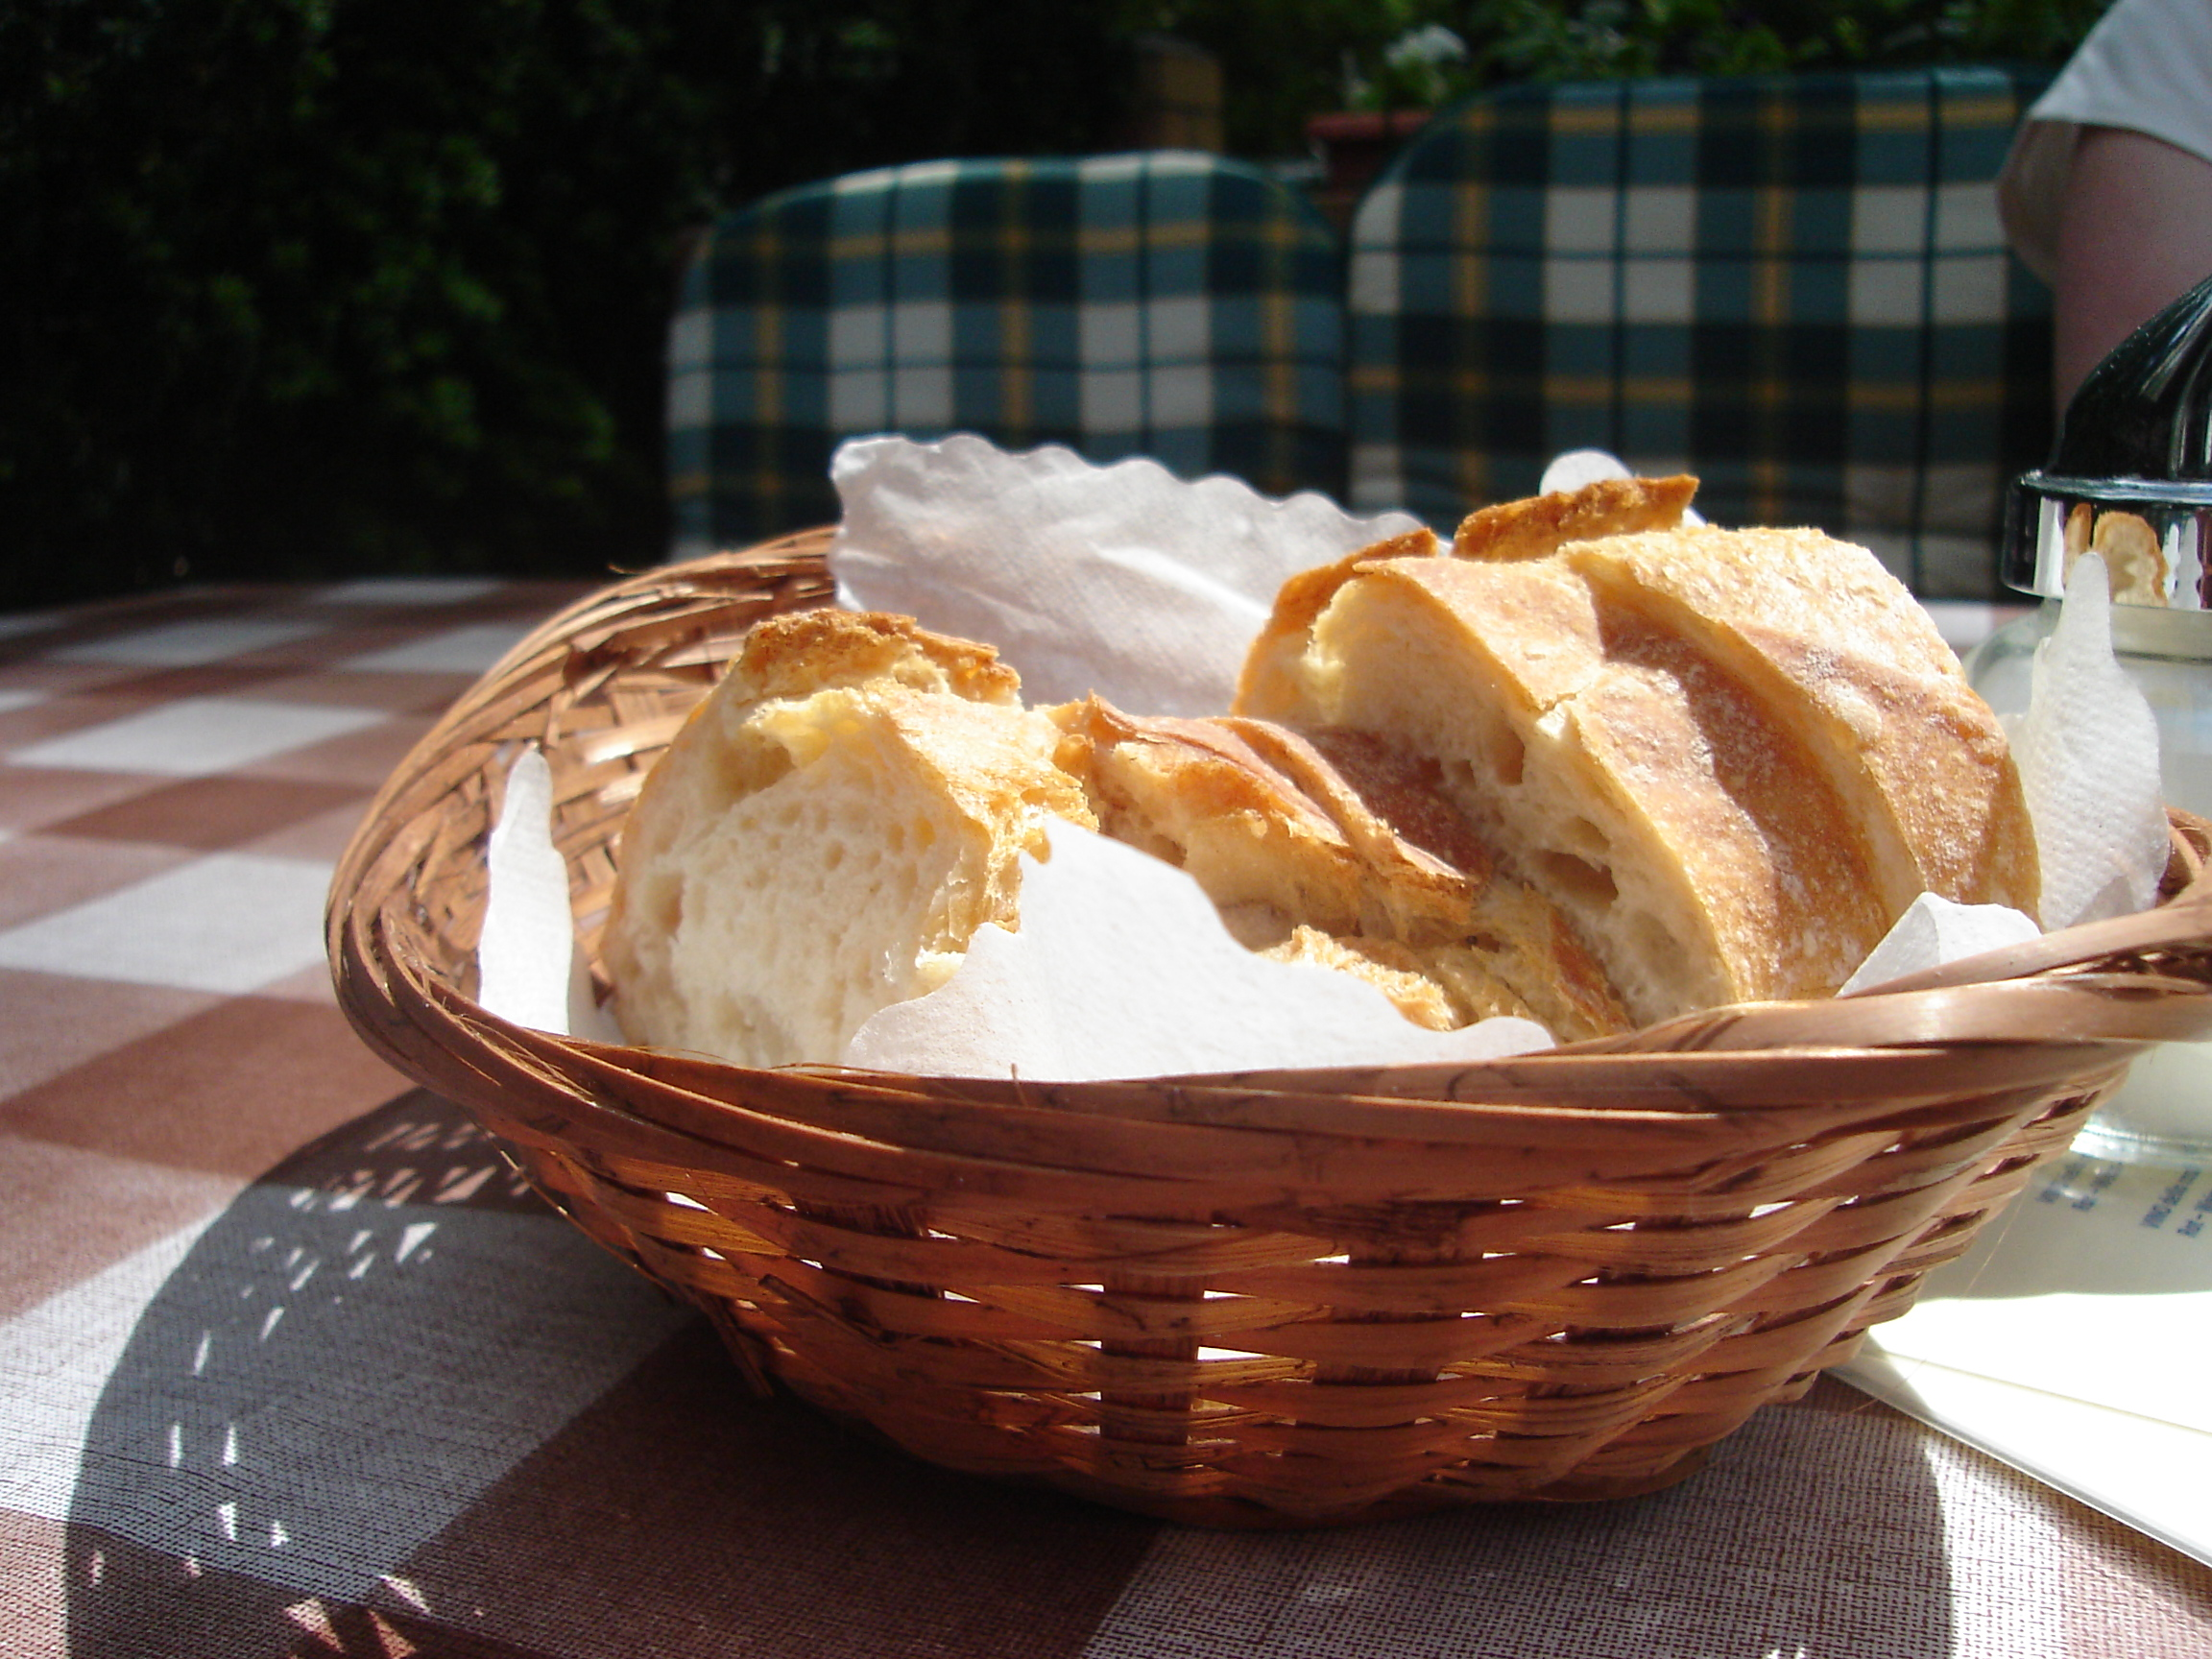 Ristoro padre pio in der bergstra e in steglitz schurrmurr for Kuchen berlin steglitz